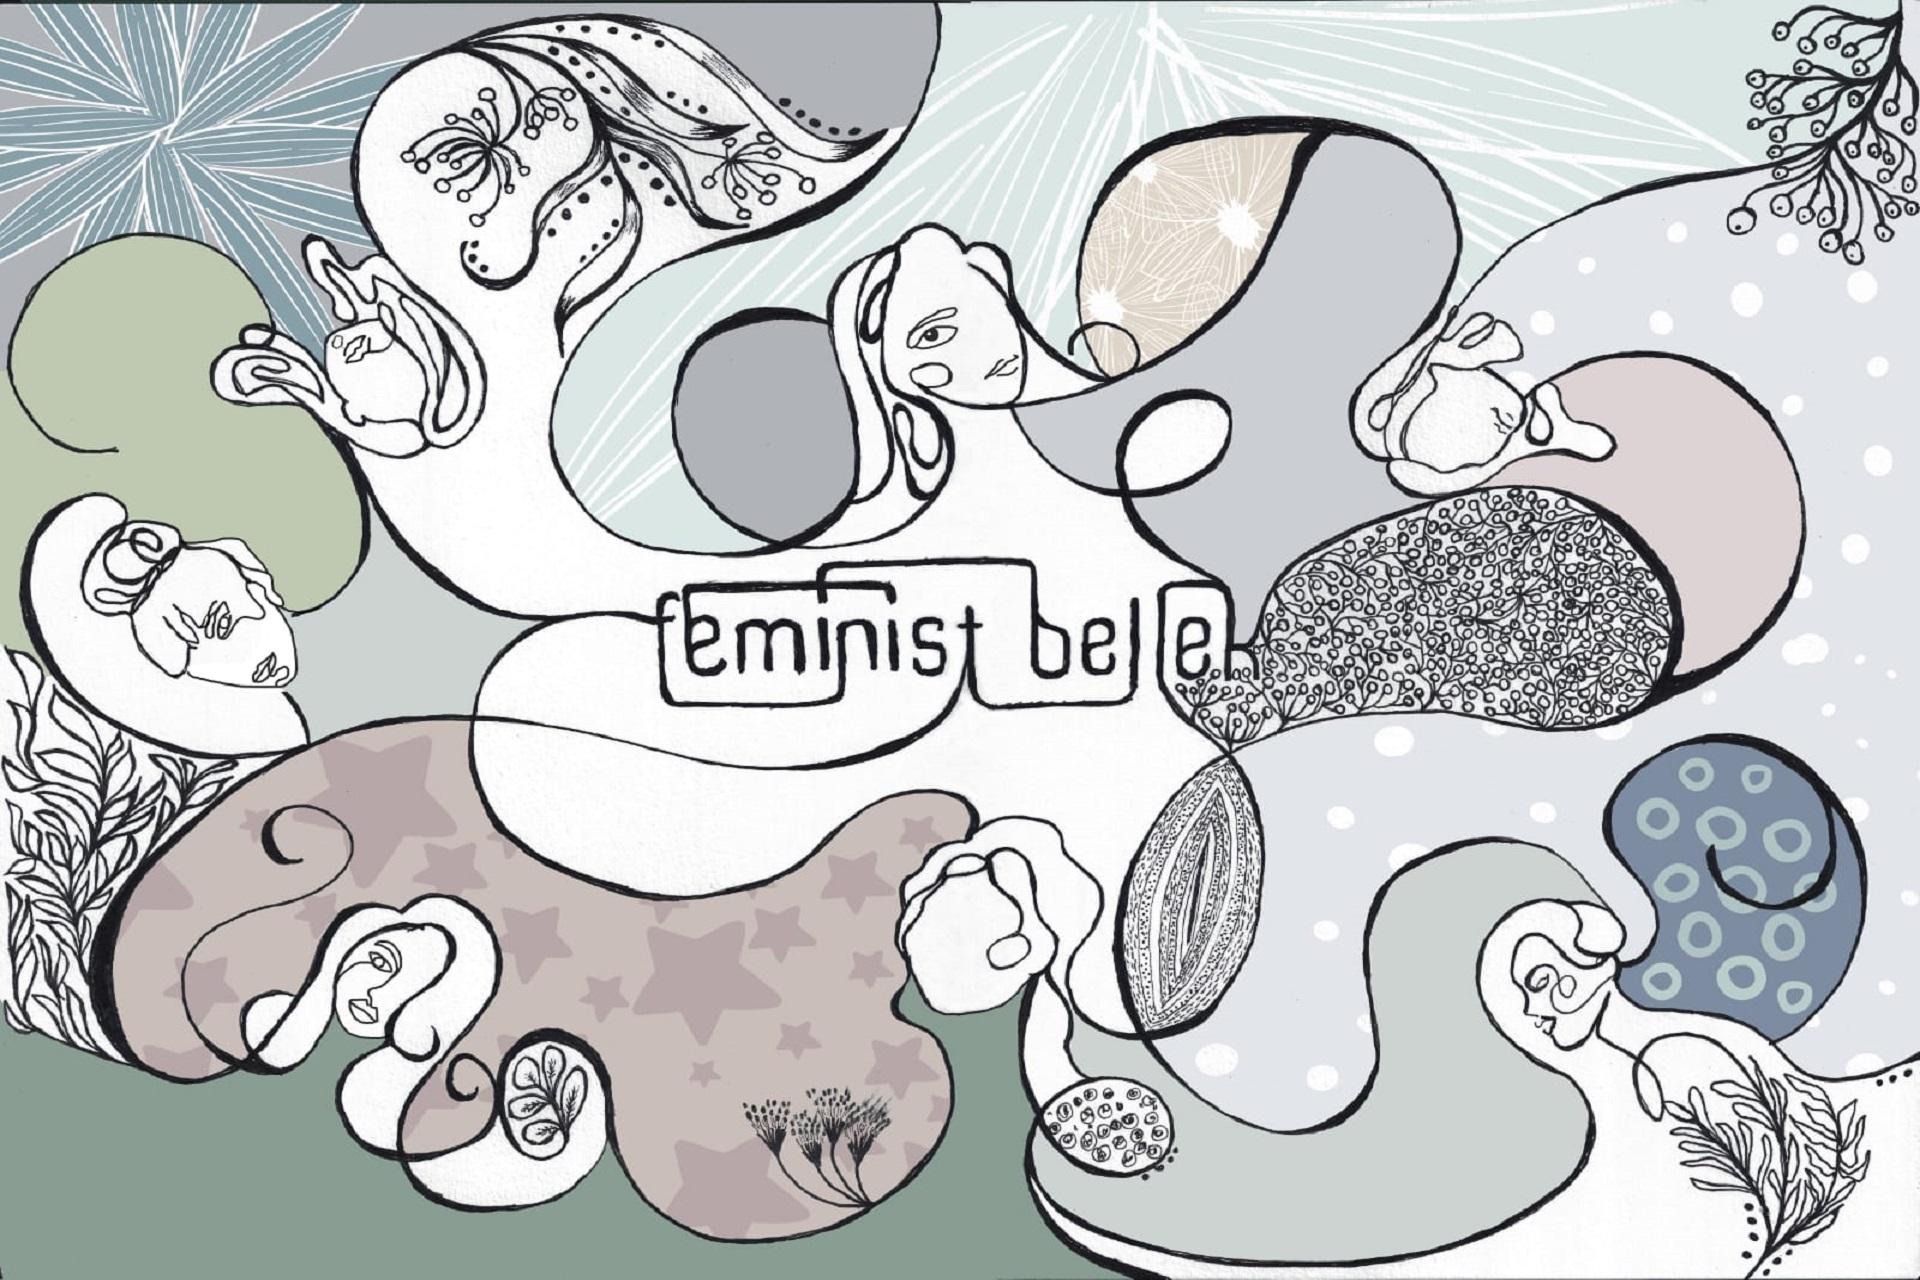 https://gazeddakibris.com/wp-content/uploads/2021/01/feministbellek.jpg